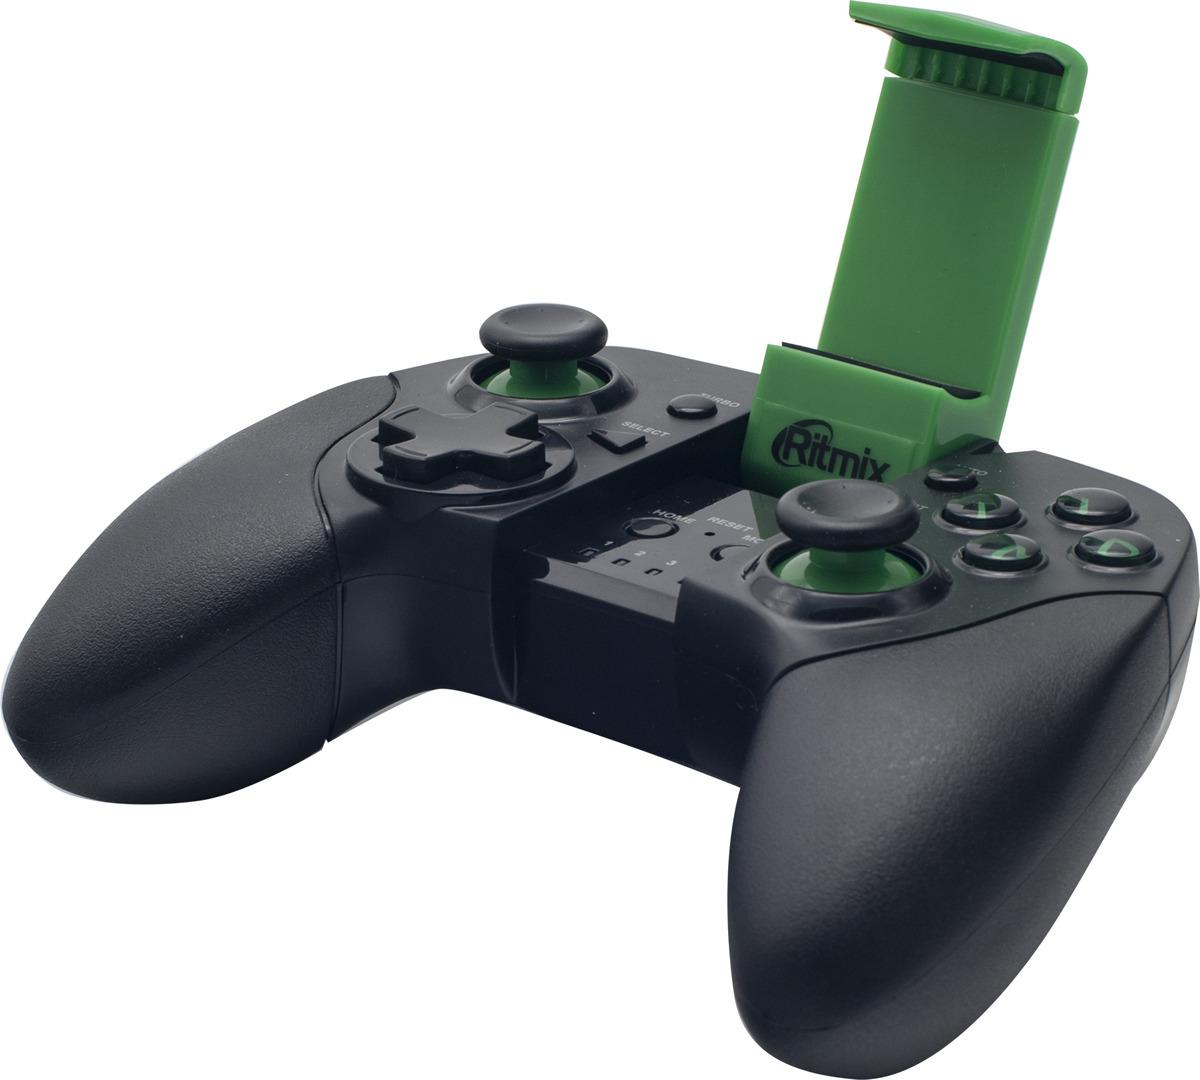 Геймпад Ritmix GP-035BTH, черный, зеленый геймпад ritmix gp 030bth black red